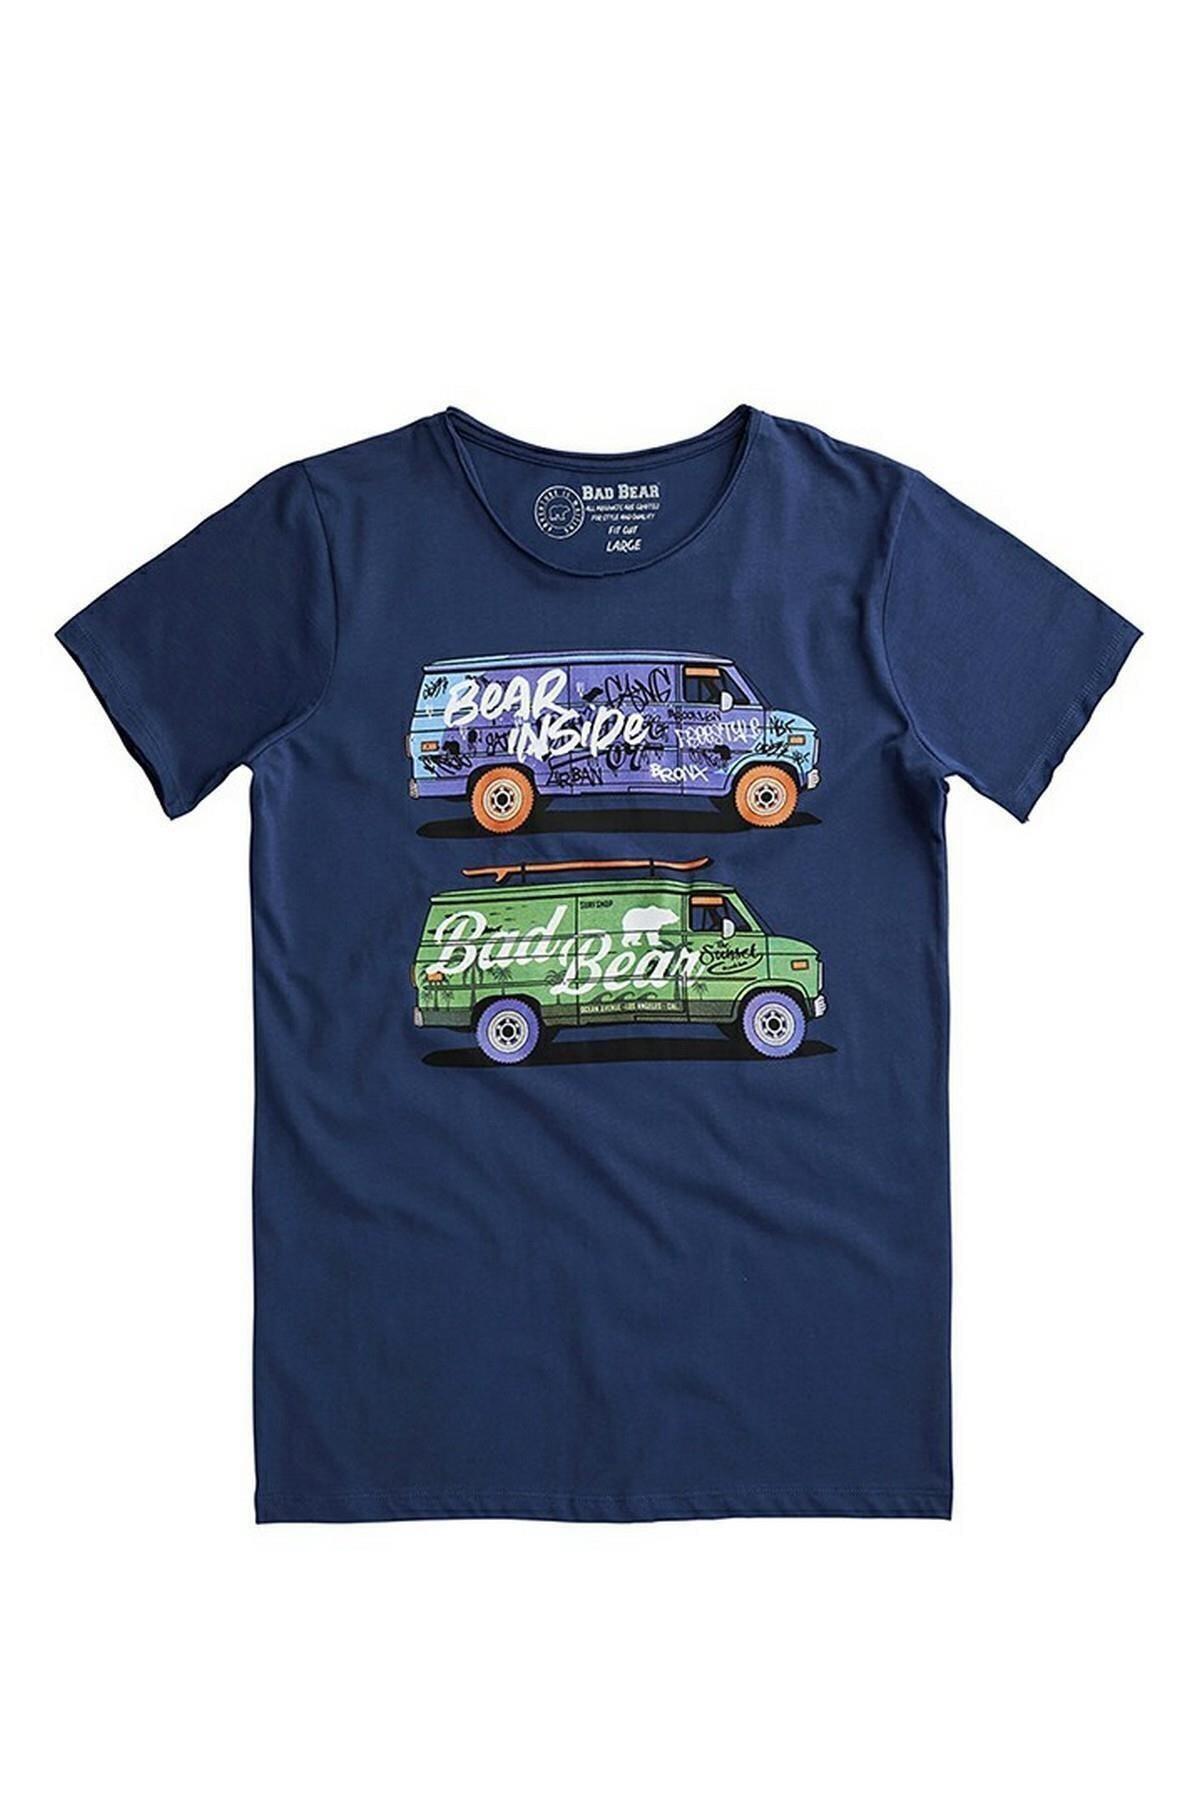 Bad Bear Erkek Baskılı T Shirt 20.01.07.017 2